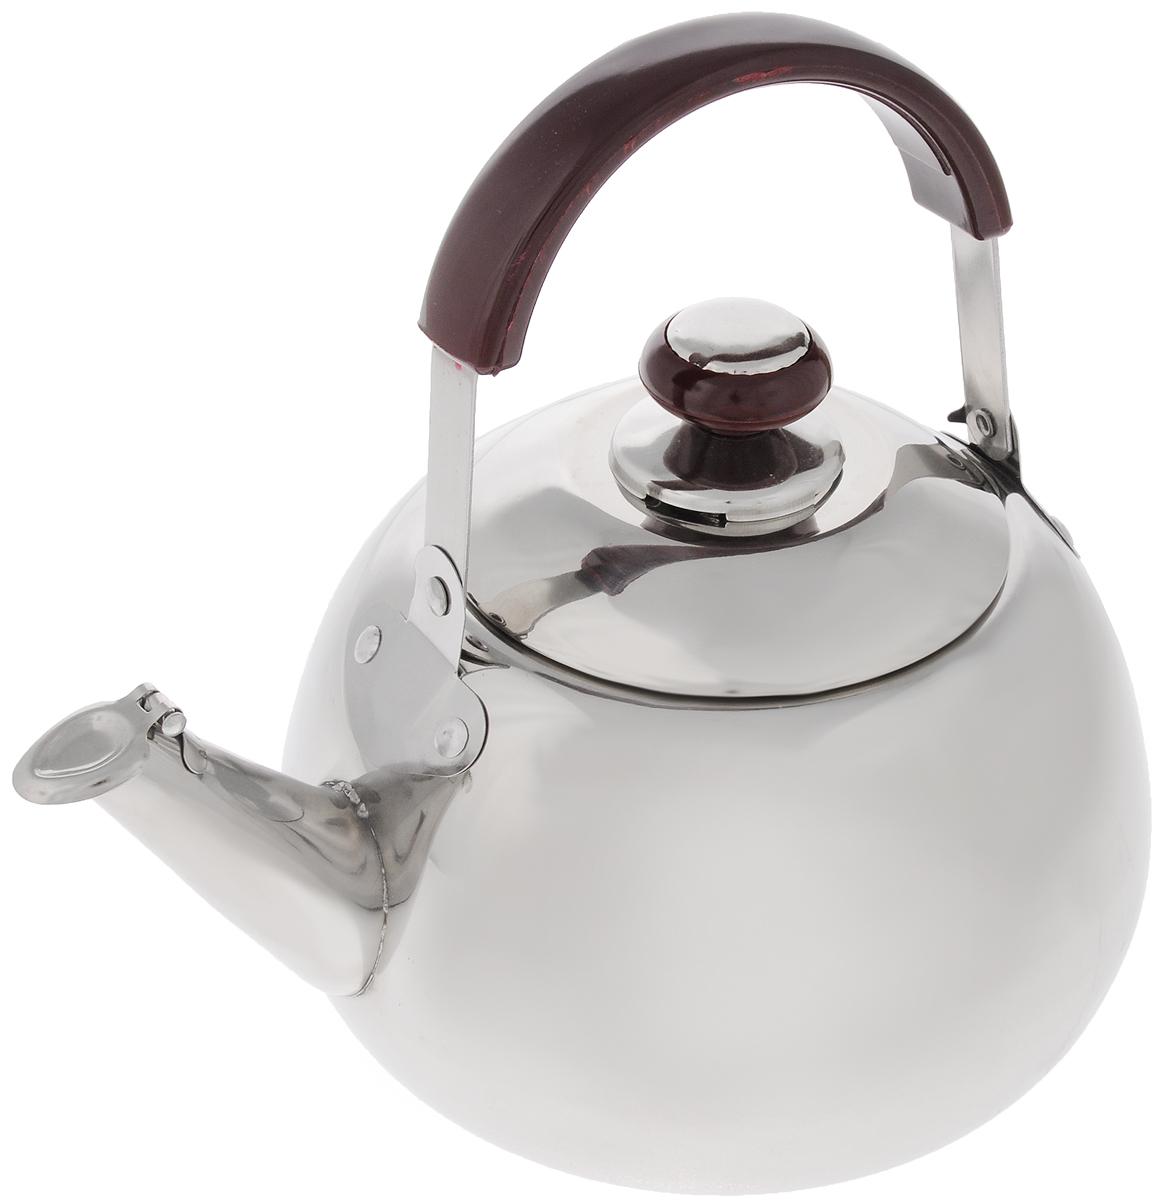 Чайник Mayer & Boch, со свистком, 3 л. 25232523Чайник Mayer & Boch изготовлен из высококачественной нержавеющей стали. Он оснащен подвижной ручкой из стали и бакелитовой накладкой, что делает использование чайника очень удобным и безопасным. Крышка снабжена свистком, позволяя контролировать процесс подогрева или кипячения воды. Капсулированное дно с прослойкой из алюминия обеспечивает наилучшее распределение тепла. Эстетичный и функциональный, с эксклюзивным дизайном, чайник будет оригинально смотреться в любом интерьере. Подходит для стеклокерамических, газовых и электрических плит. Не подходит для индукционных плит. Можно мыть в посудомоечной машине. Высота чайника (без учета ручки и крышки): 11,5 см. Высота чайника (с учетом ручки и крышки): 23,5 см. Диаметр чайника (по верхнему краю): 11 см.